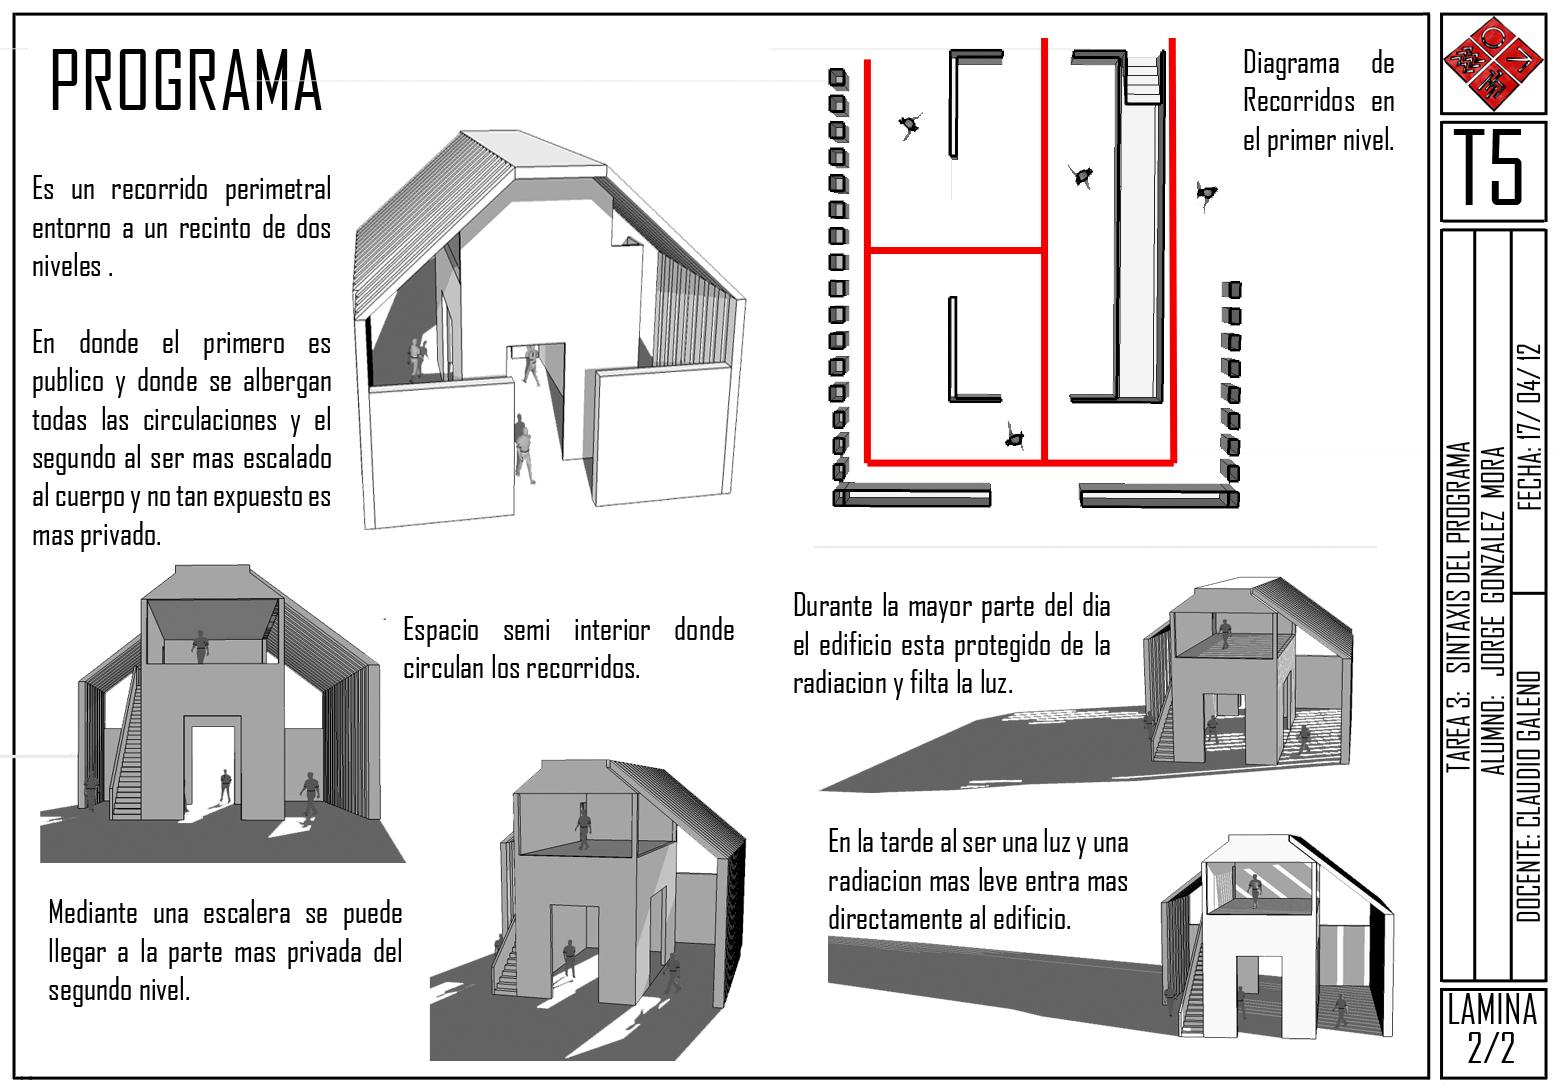 Taller de arquitectura 5 lenguaje 1er semestre de 2012 for Programas de arquitectura y diseno